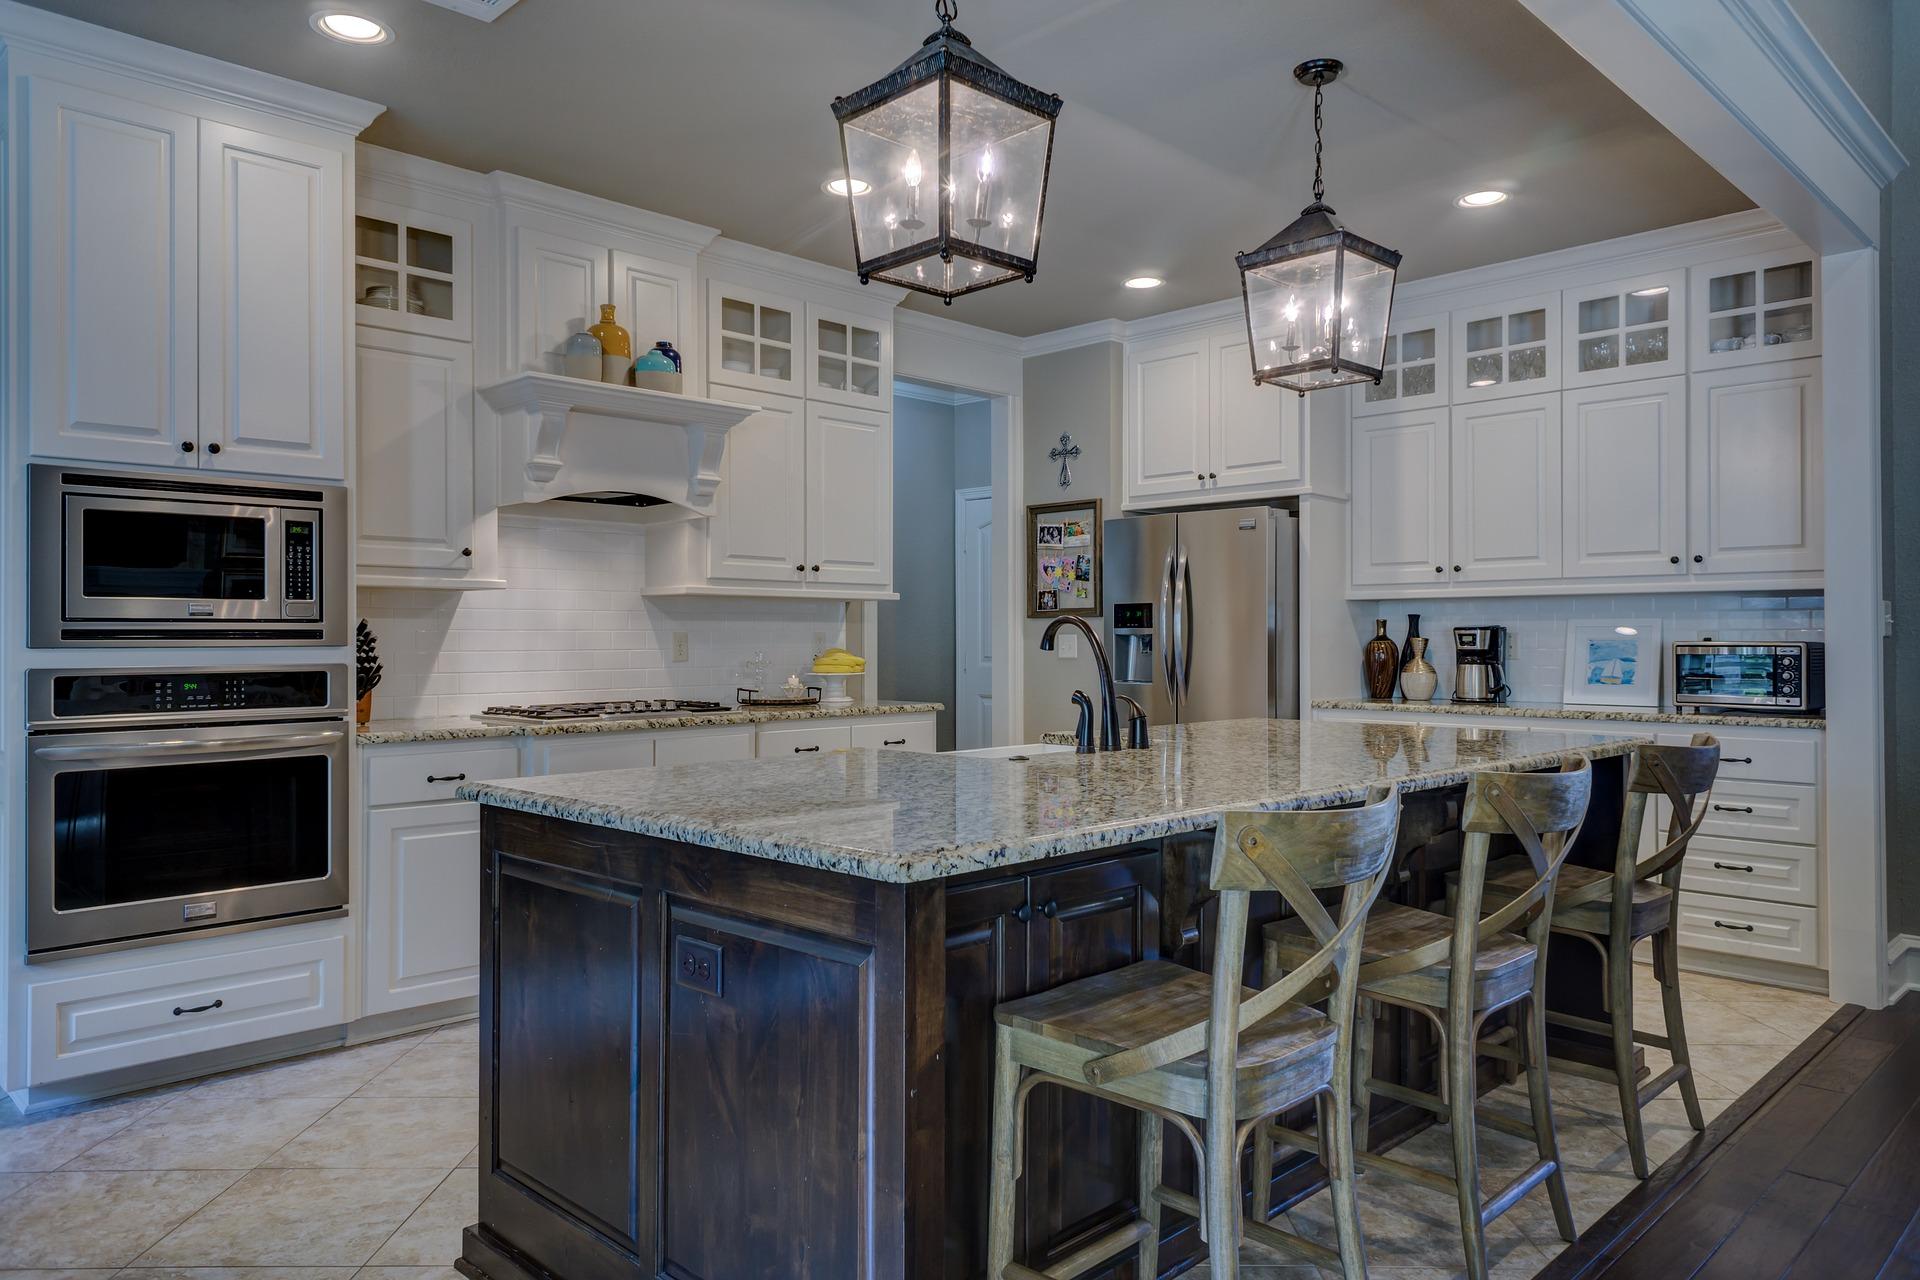 Lampy wiszace nowoczesne w kuchni